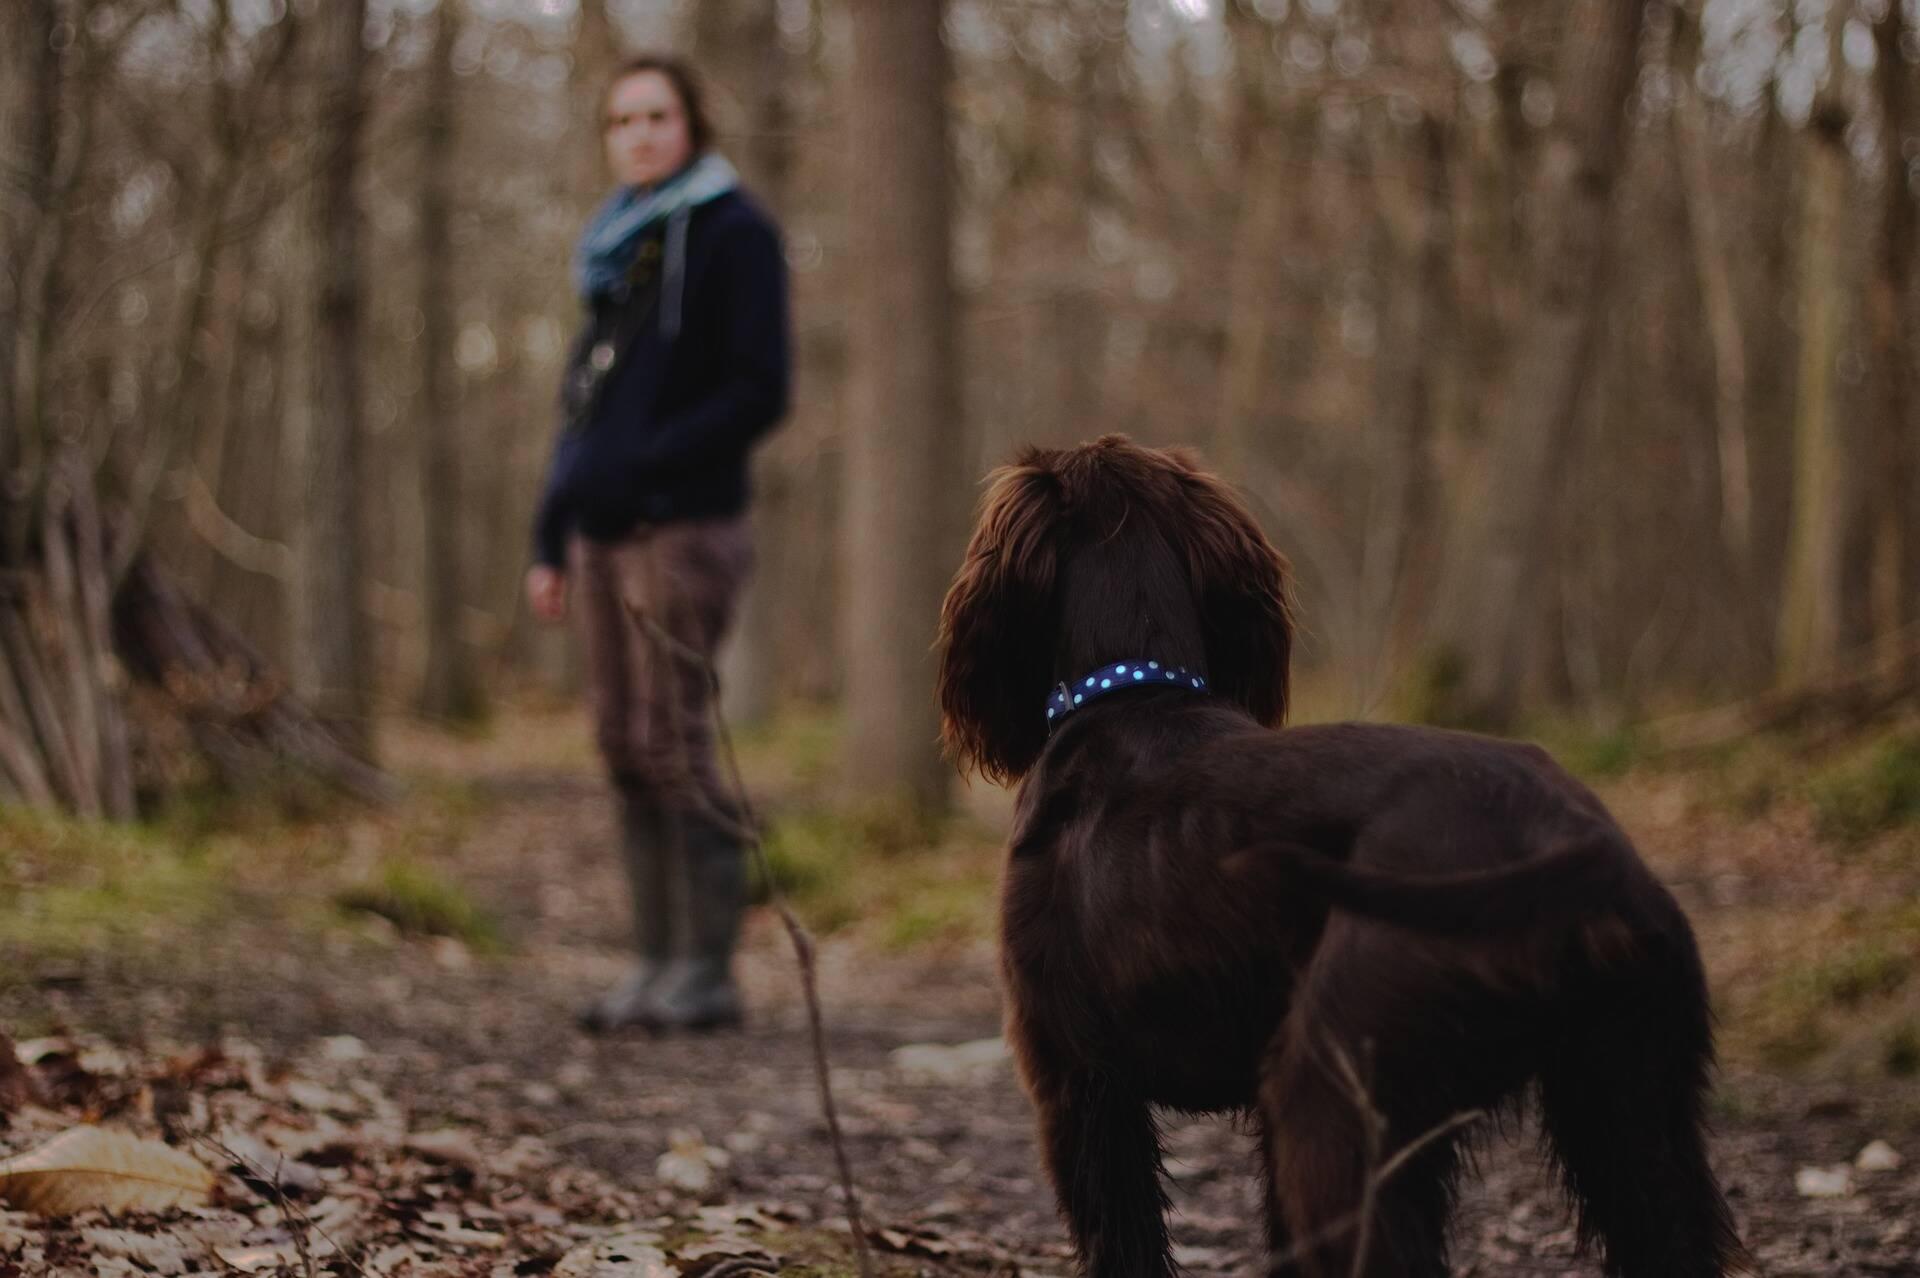 Na Alemanha, lei vai obrigar donos a passear com seus cães duas vezes por dia